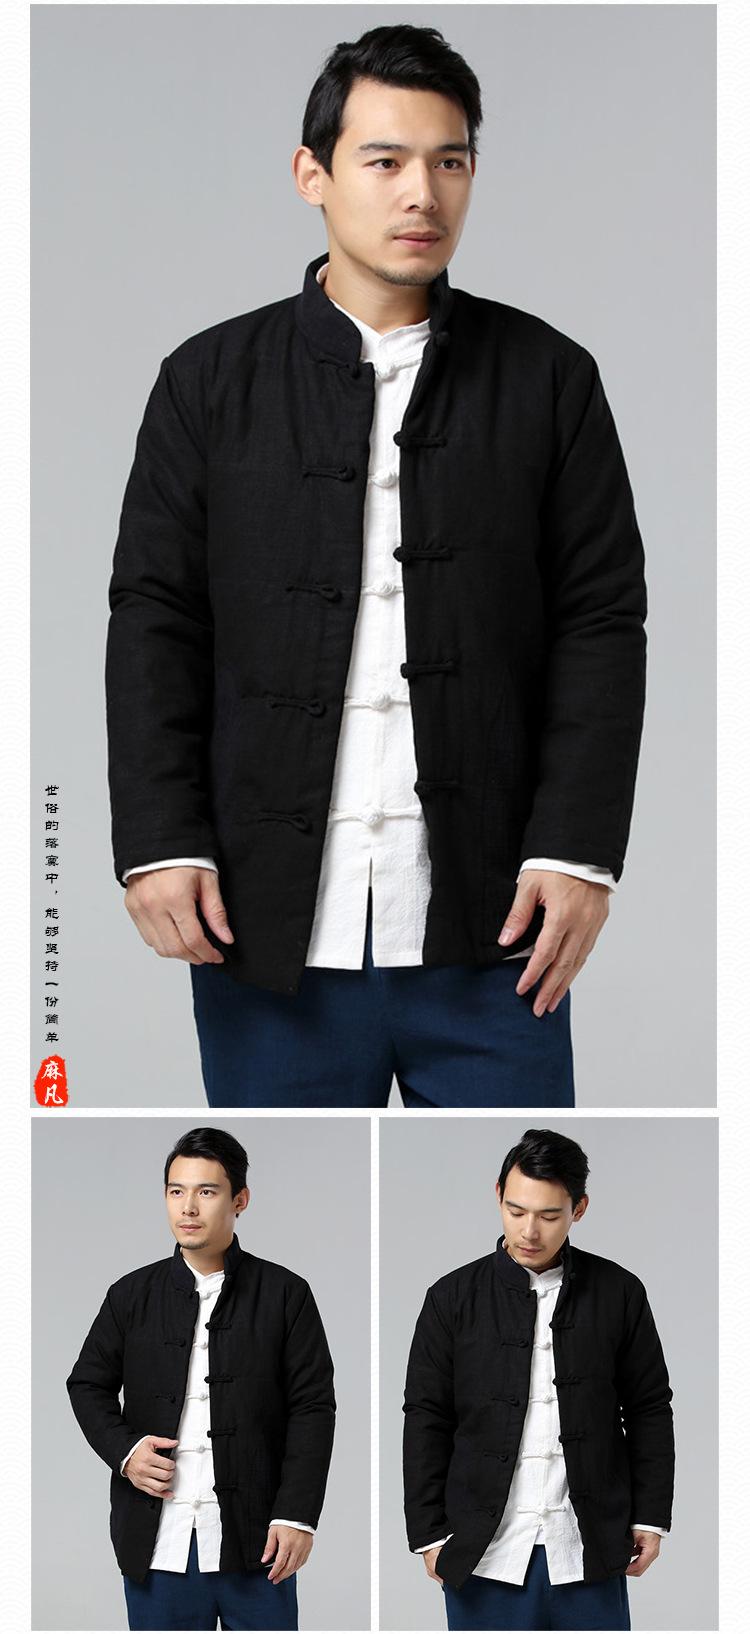 Скидки на Зима Новый китайский стиль мужская куртка высокое качество марка хлопок белье верхняя одежда мужской случайные хлопка мягкий теплое пальто U01